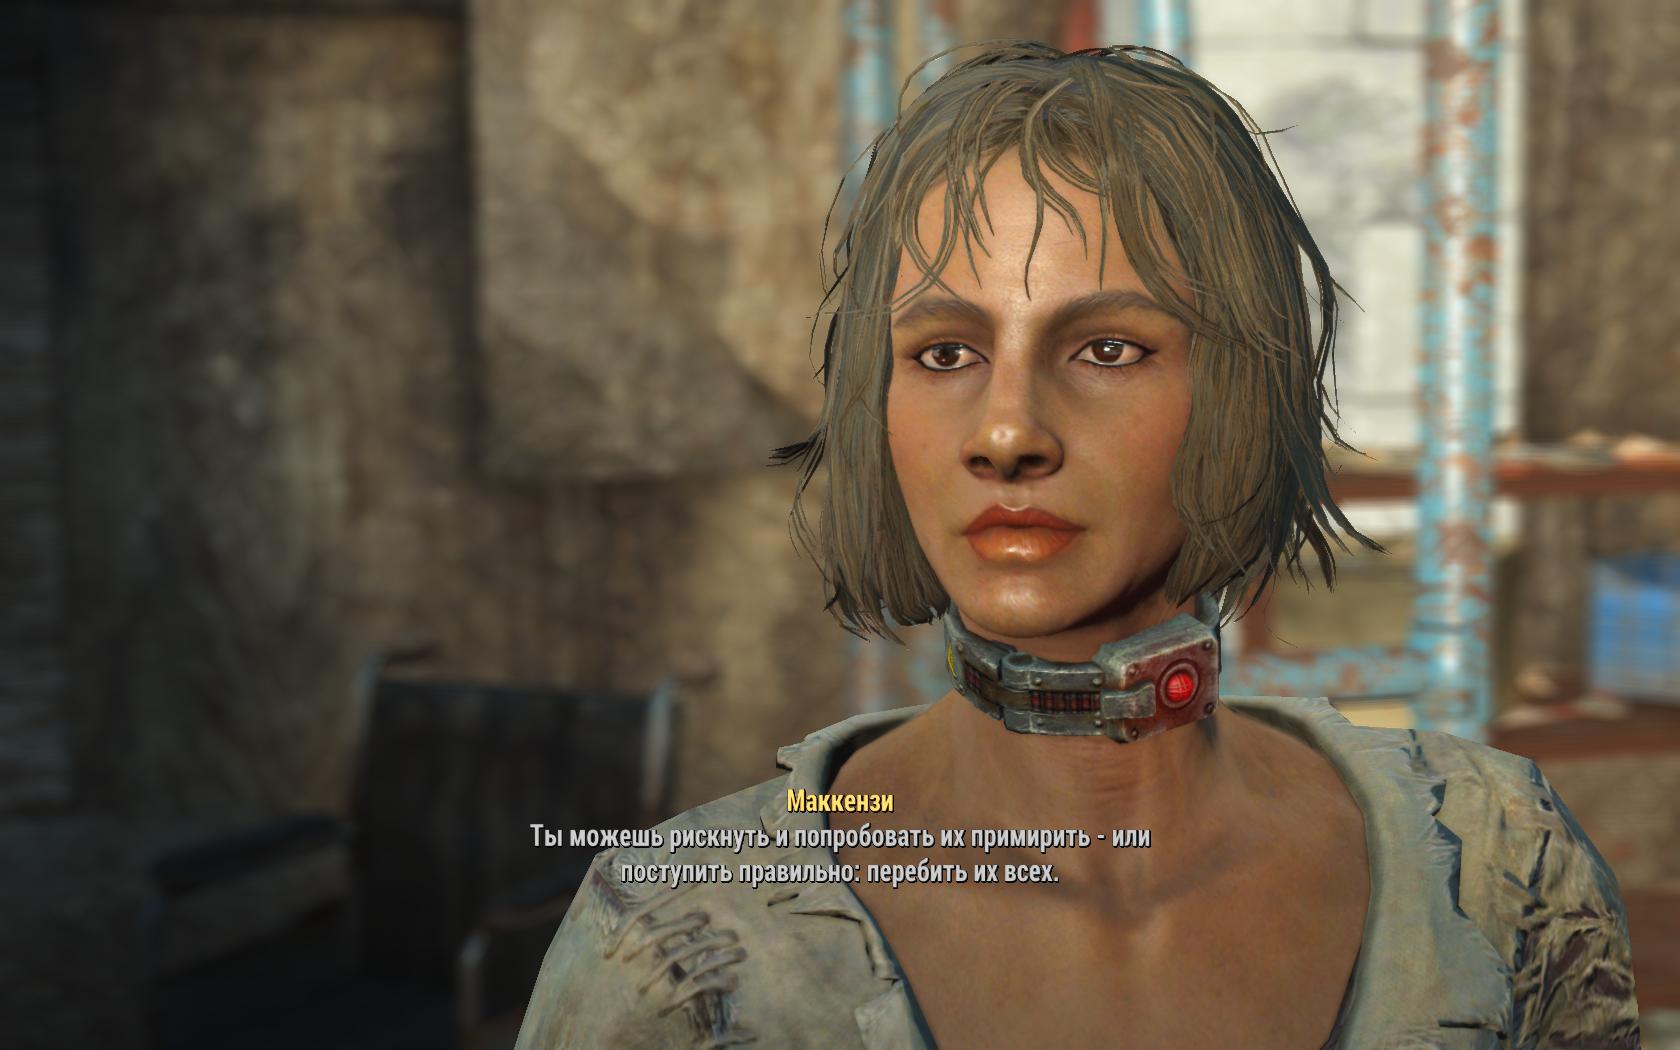 Маккензи предлагает убить рейдеров (Ядер-Мир, Рынок Ядер-Тауна) - Fallout 4 Nuka-World, Маккензи, Ядер-Мир